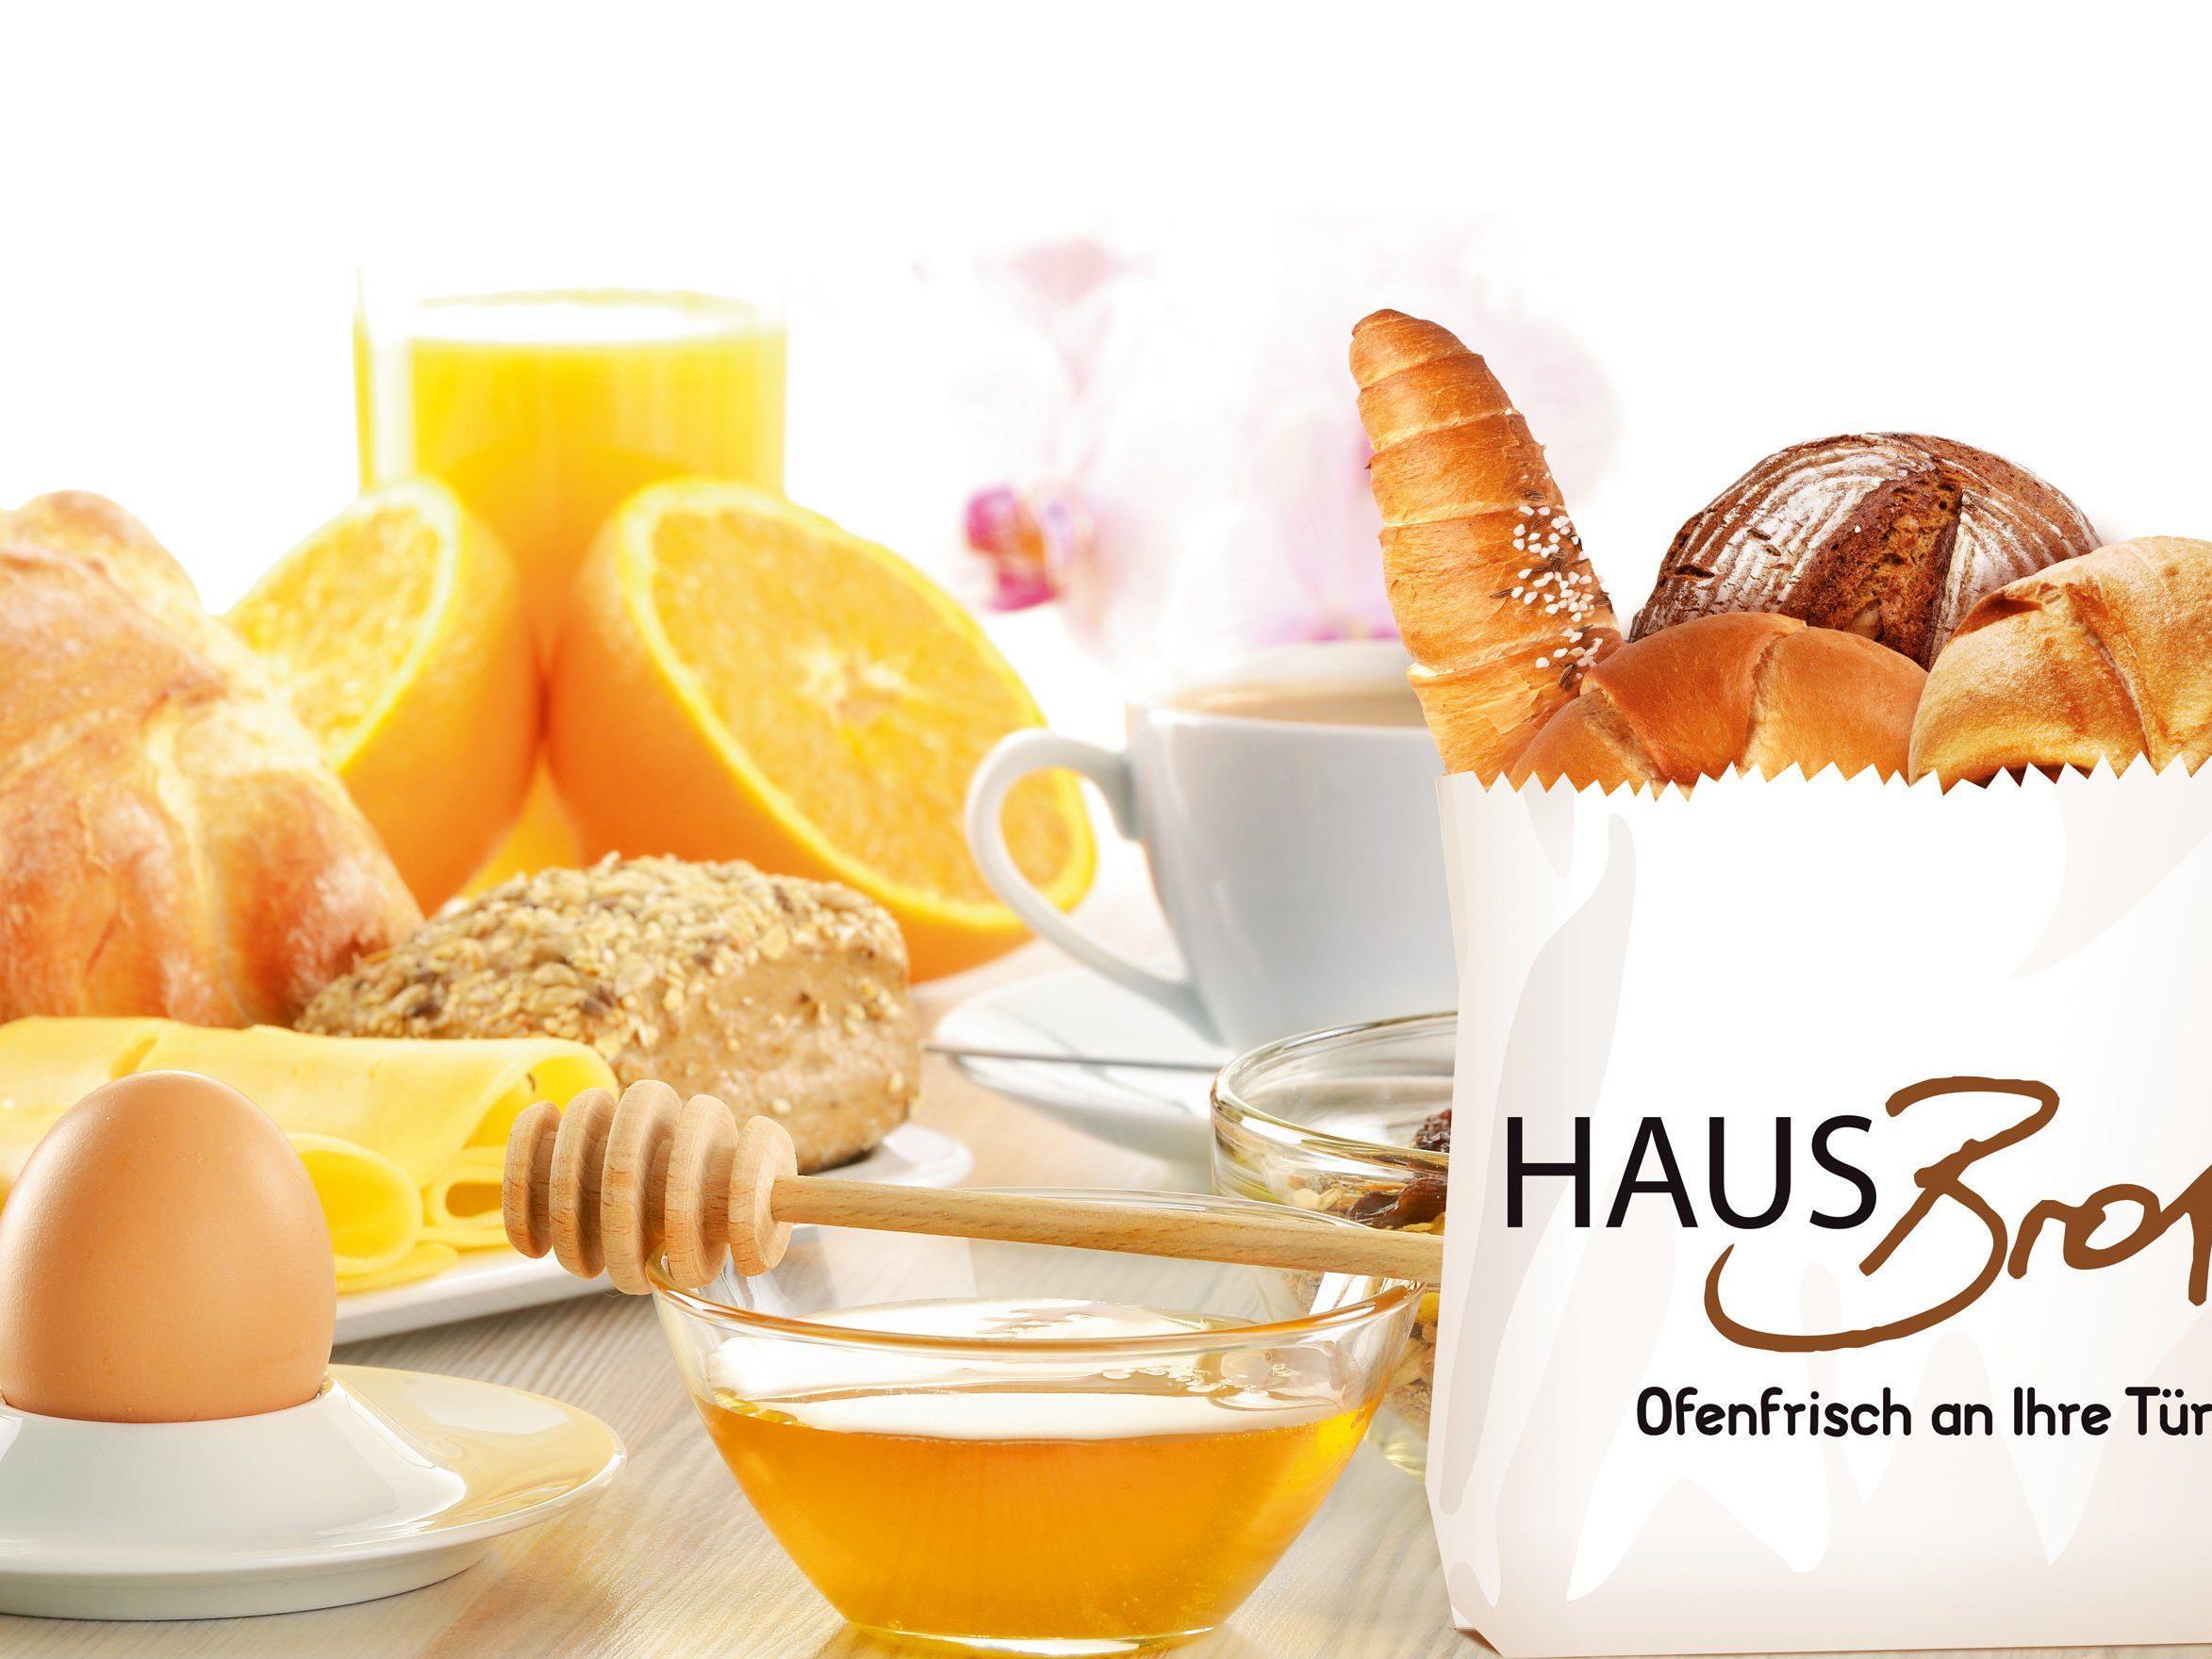 Mitmachen und das Frühstücksangebot von Hausbrot testen.